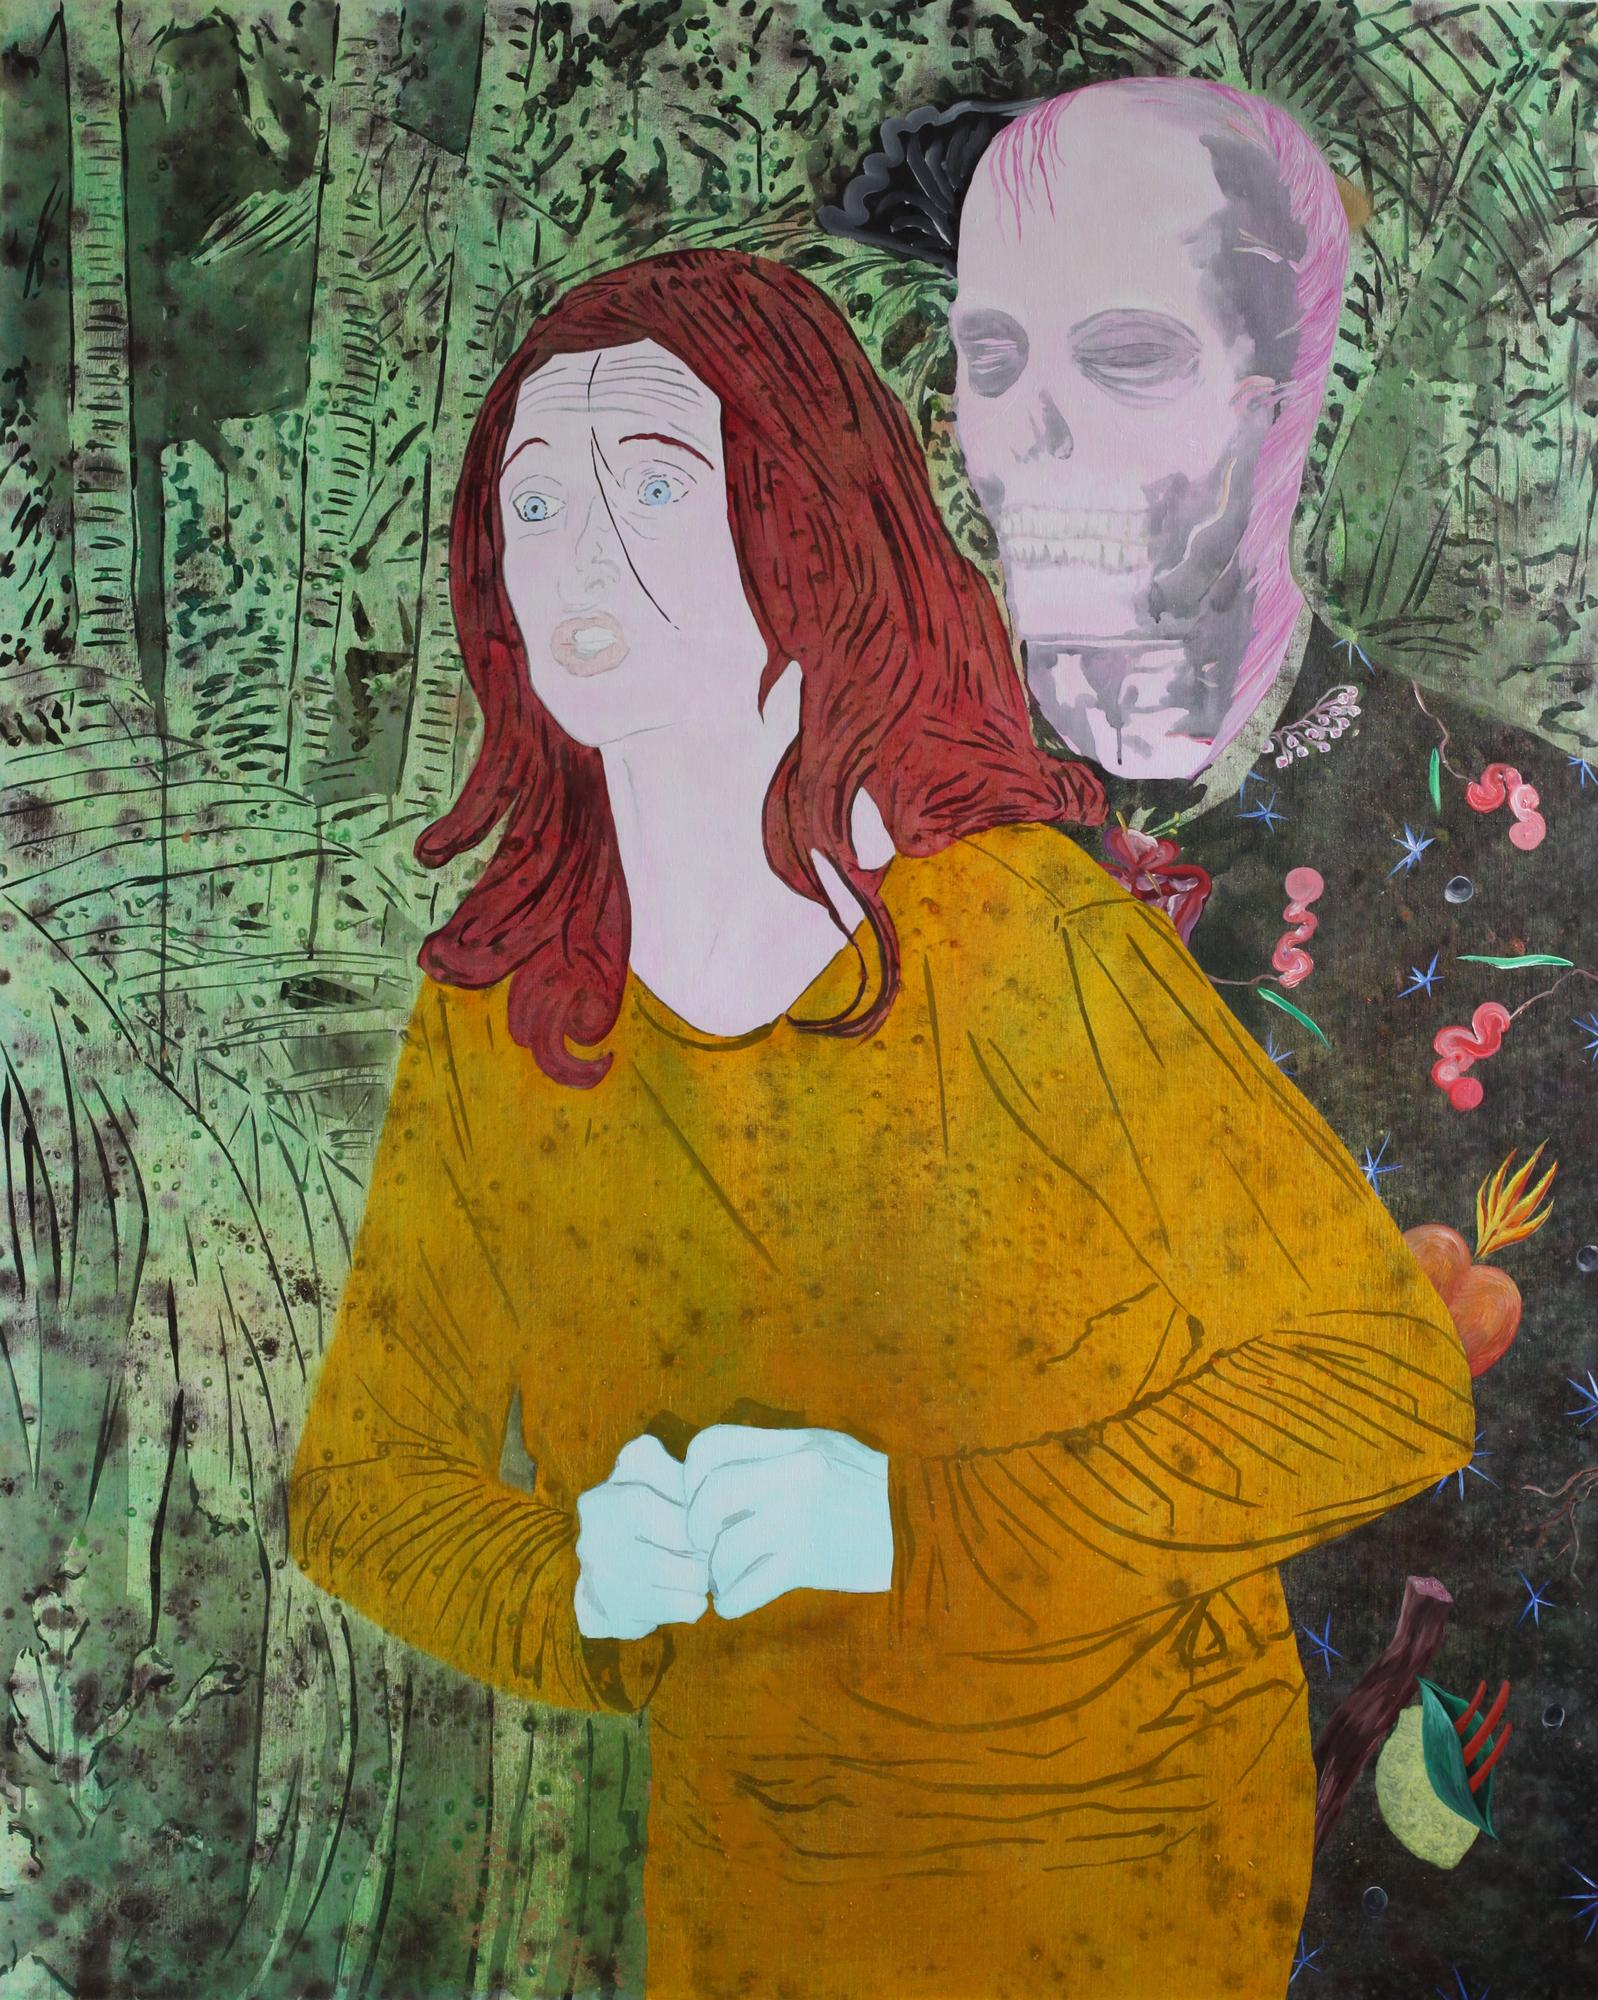 Le Temps perdu ne se rattrape plus, Marc Molk, 2012, huile et acrylique sur toile, 162 x 130 cm